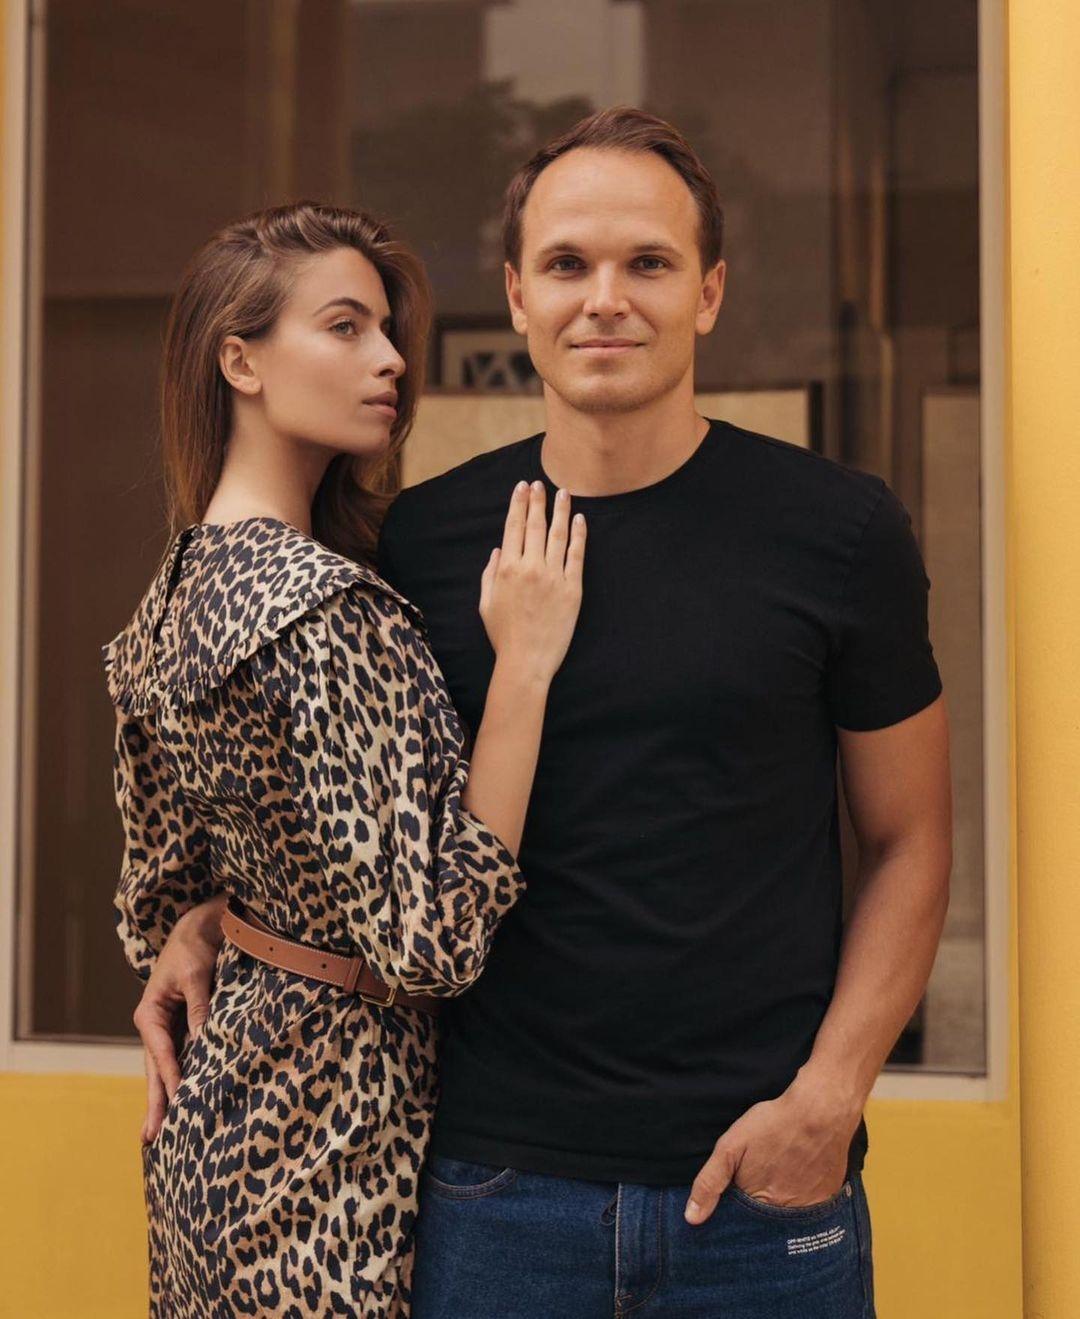 софия евдокименко и денис жданов